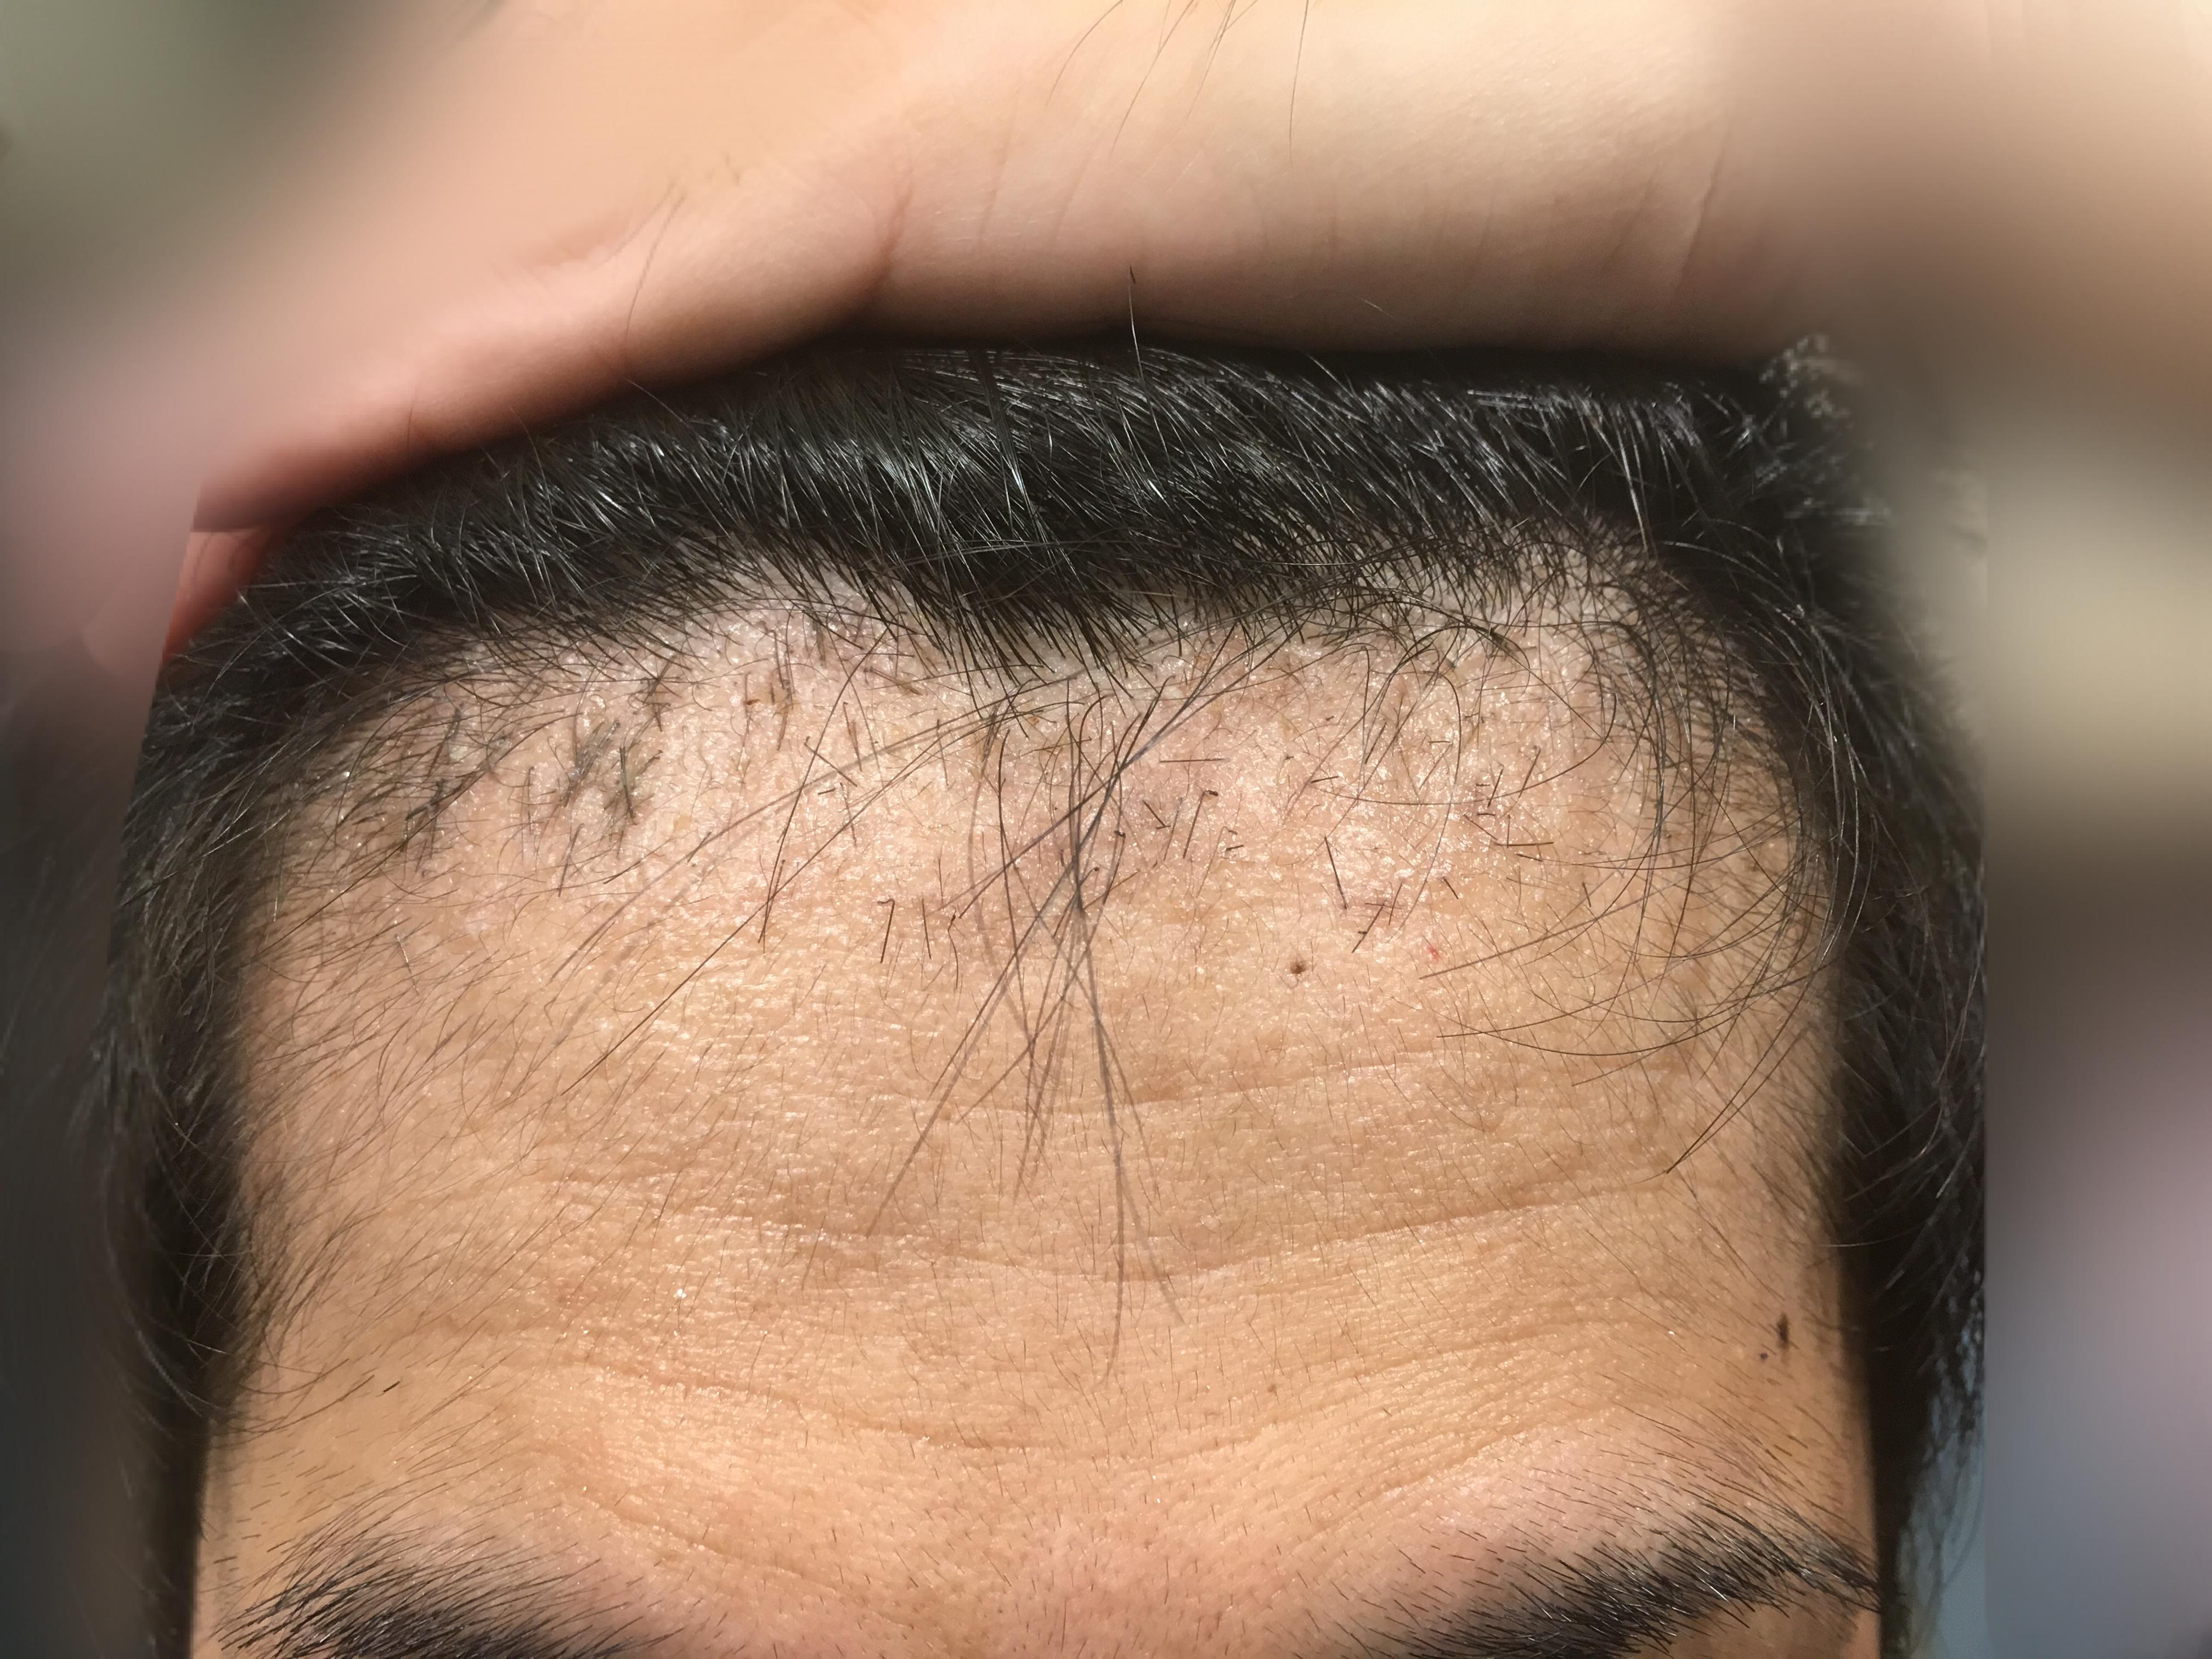 ルーチェクリニック植毛2ヶ月後の前頭部(生え際)